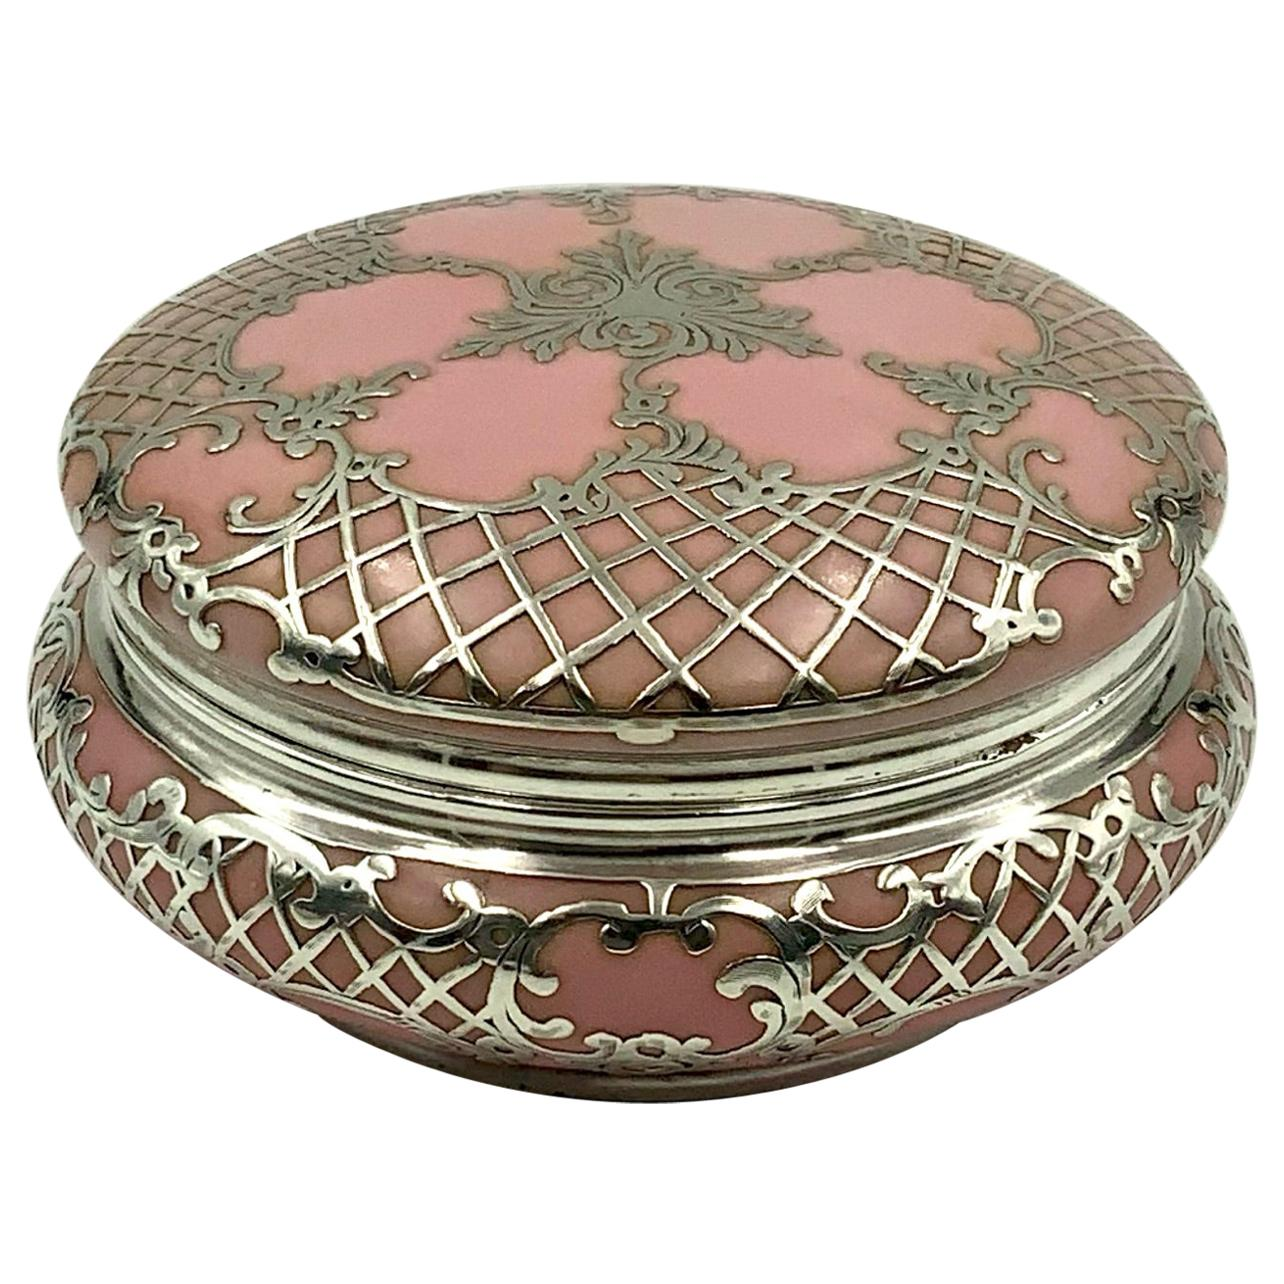 Ornate Antique Sterling Silver Pink Porcelain Vanity Powder Jar Trinket Box